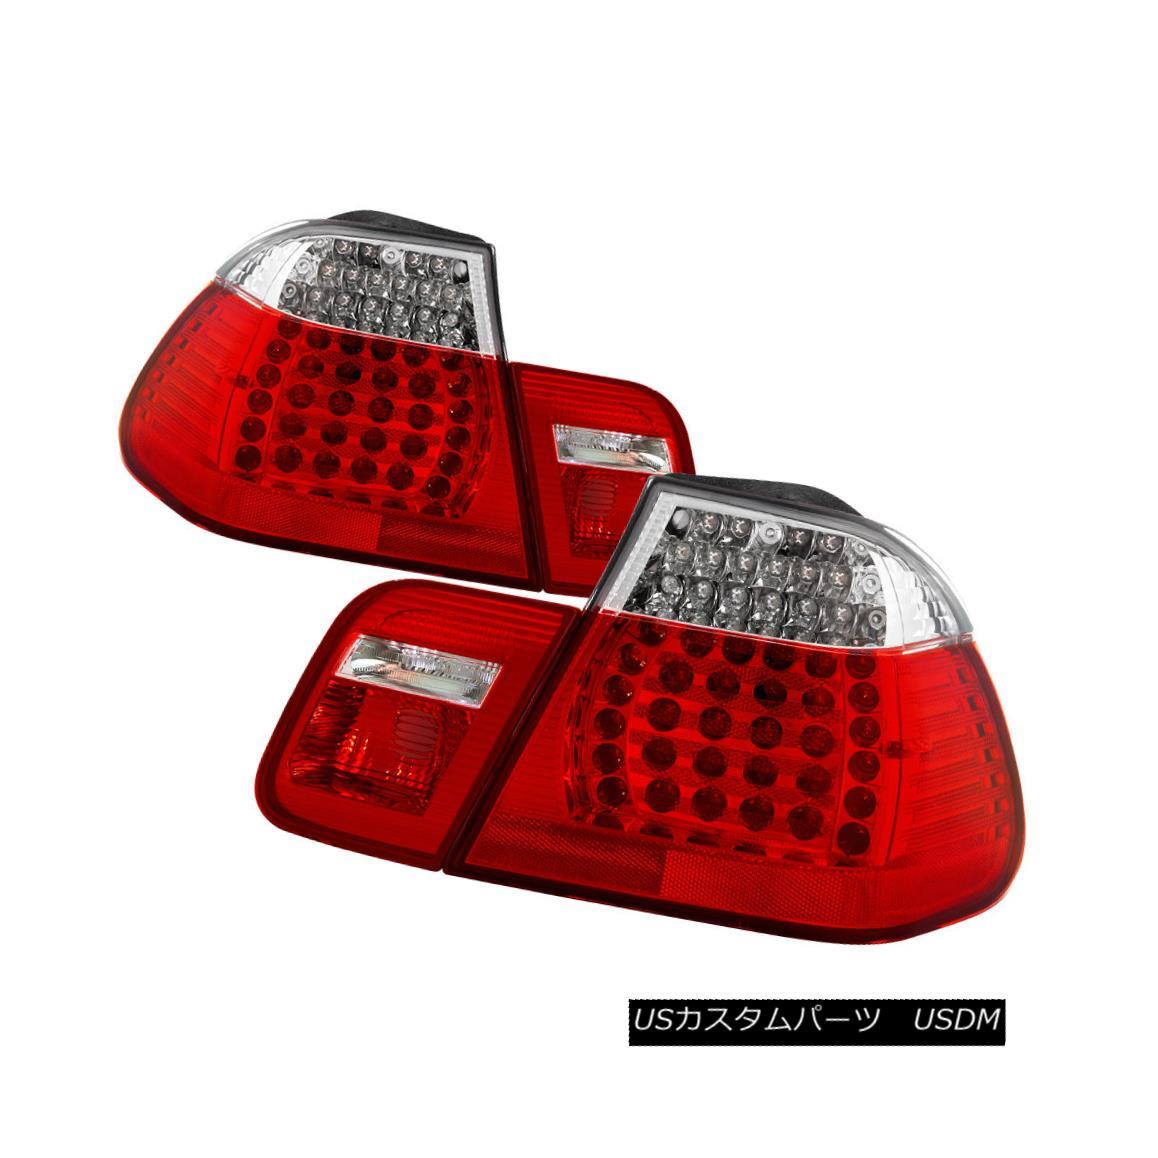 テールライト BMW 02-05 E46 4dr Red Clear LED Rear Tail Brake Lights Set 4 Door 325i 330i 320i BMW 02-05 E46 4drレッドクリアLEDリアテールブレーキライト4ドアセット325i 330i 320i